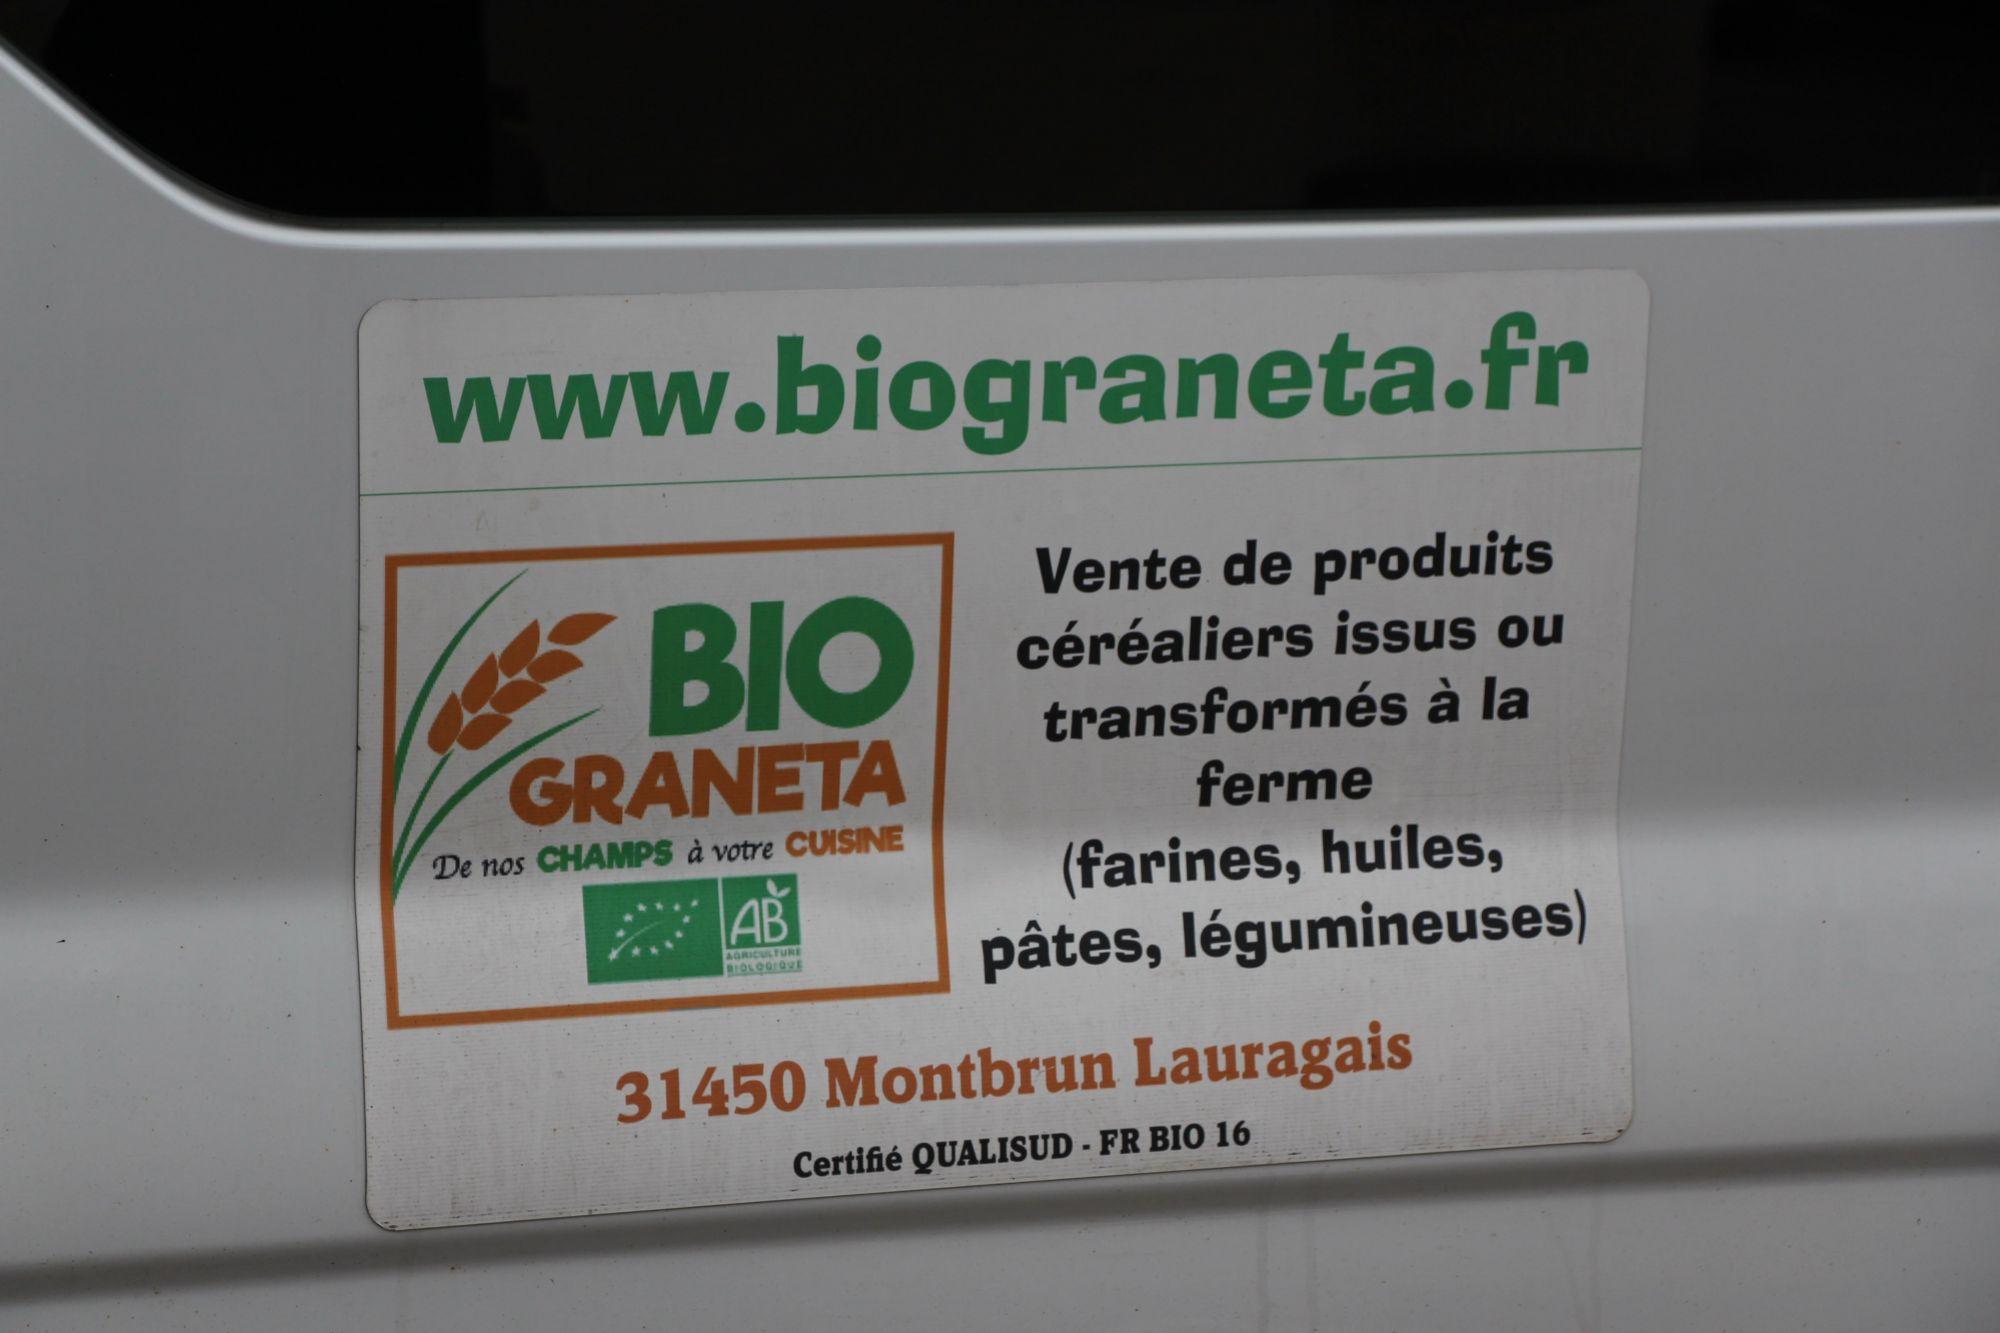 Biograneta